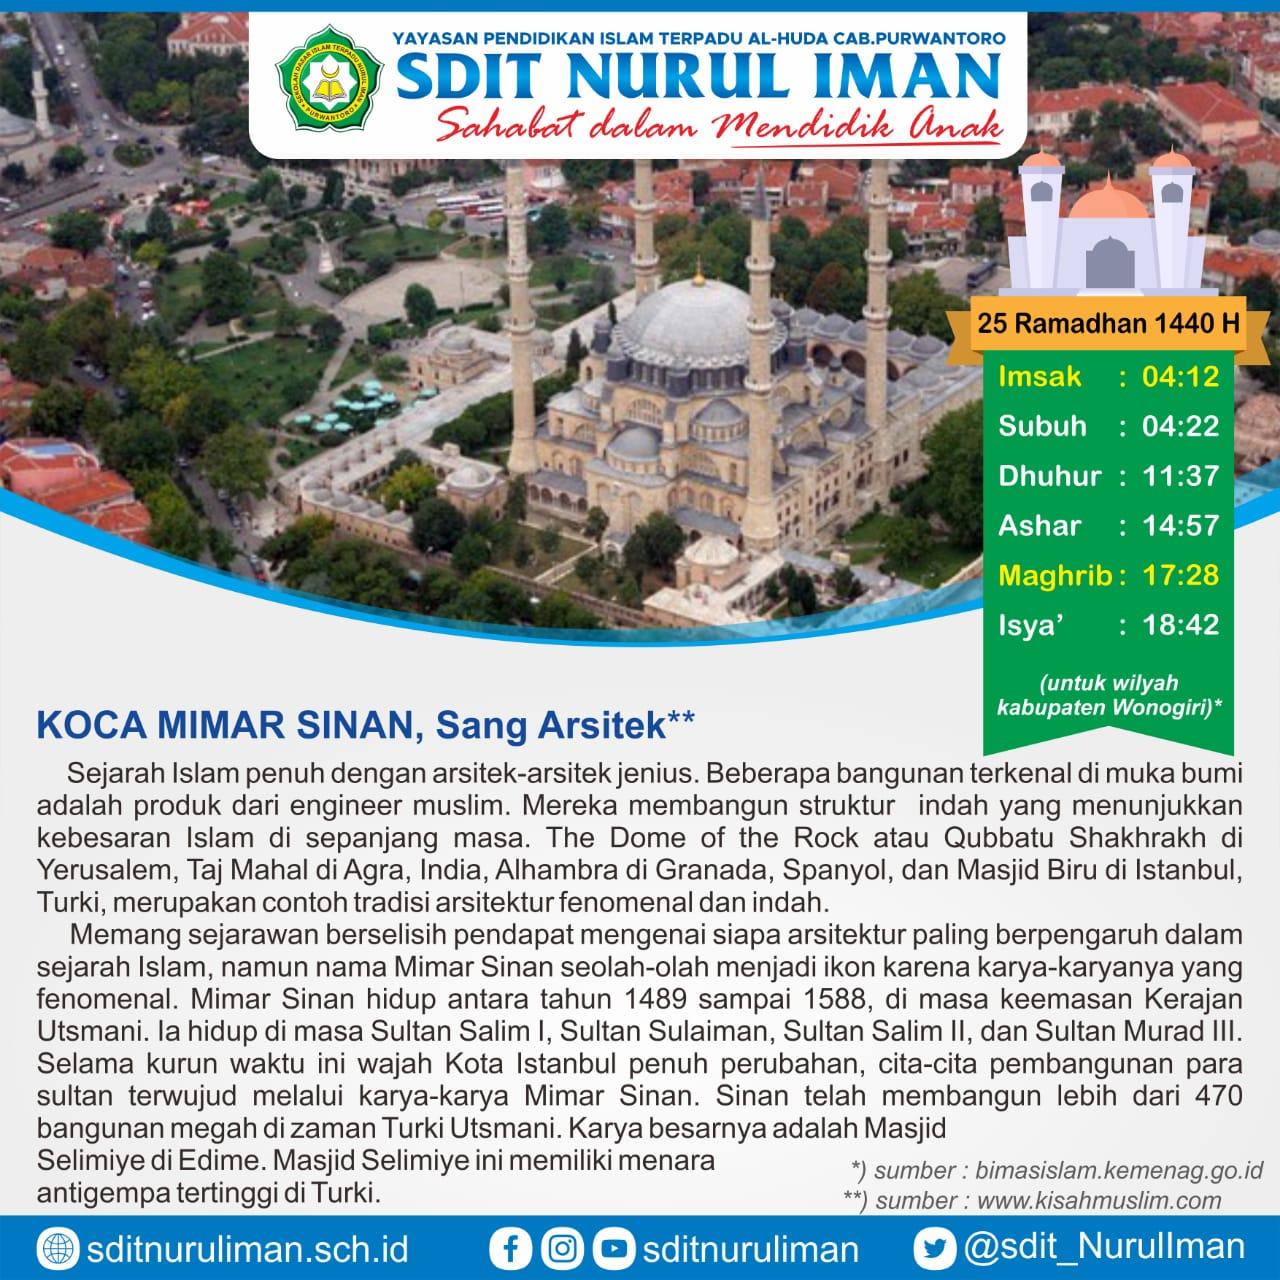 Koca Mimar Sinan